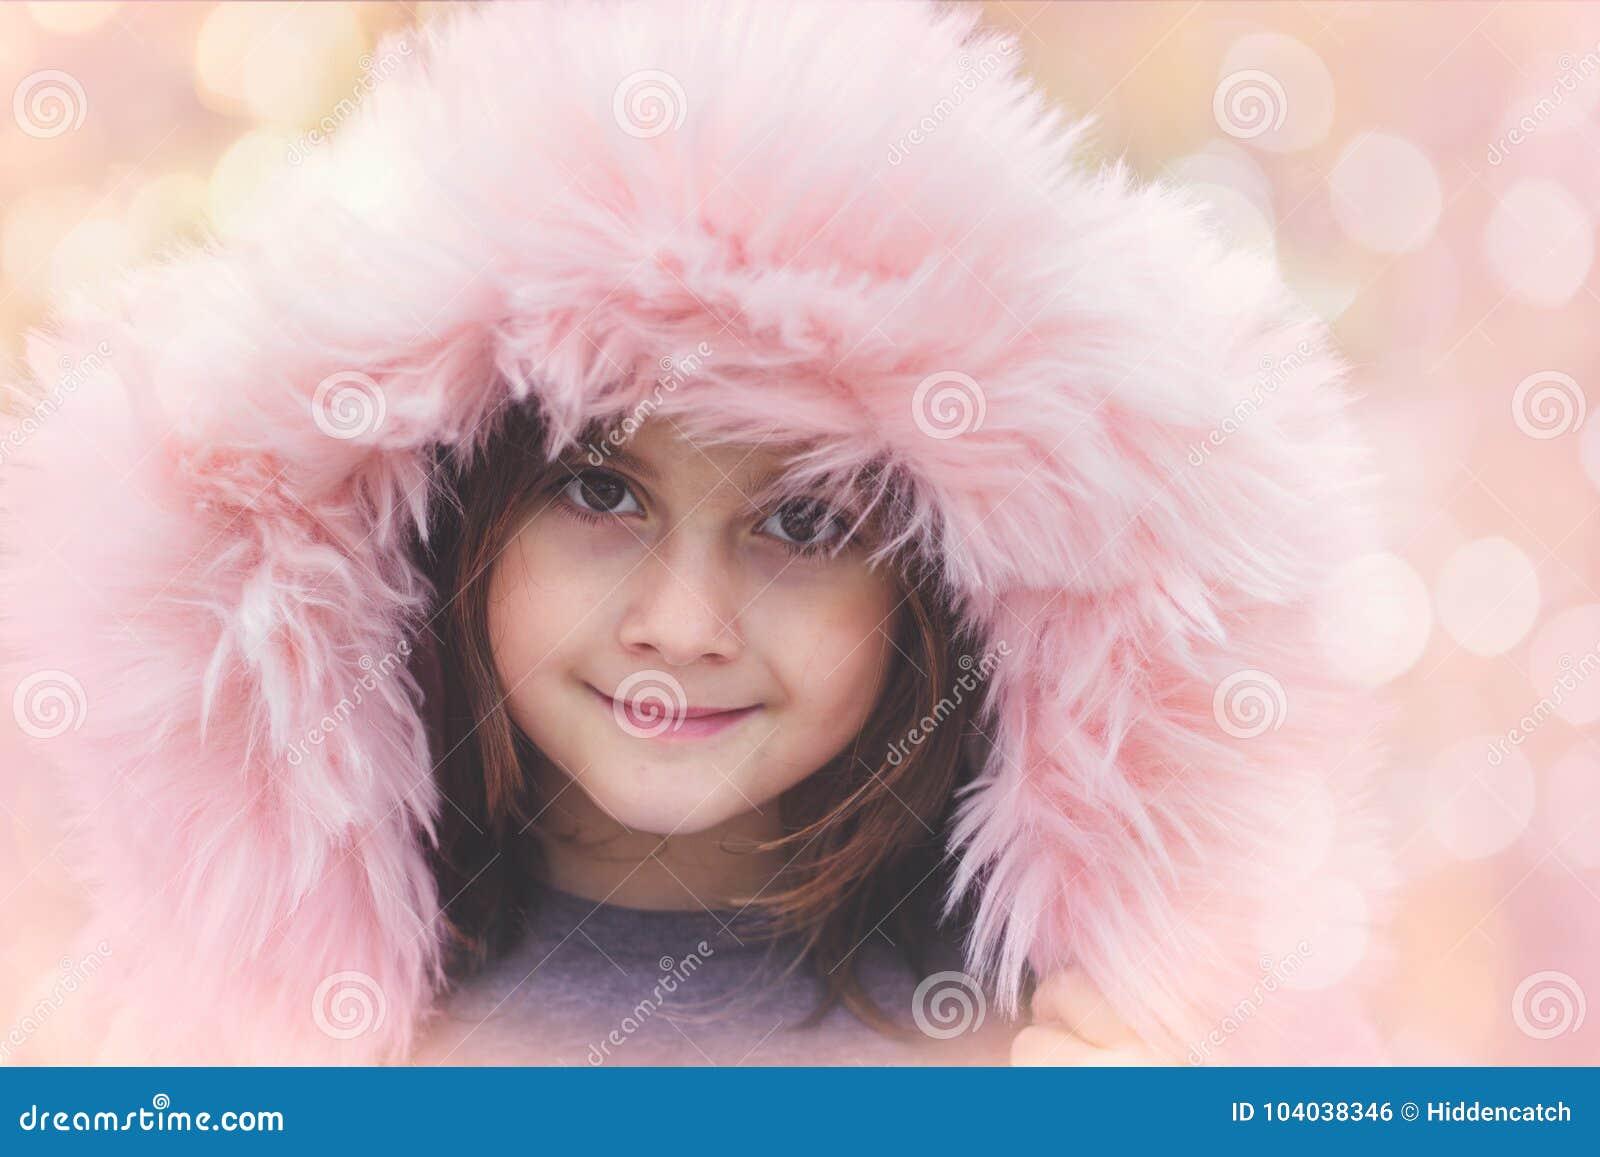 Porträt eines schönen kleinen Mädchens mit rosa Pelzhaube